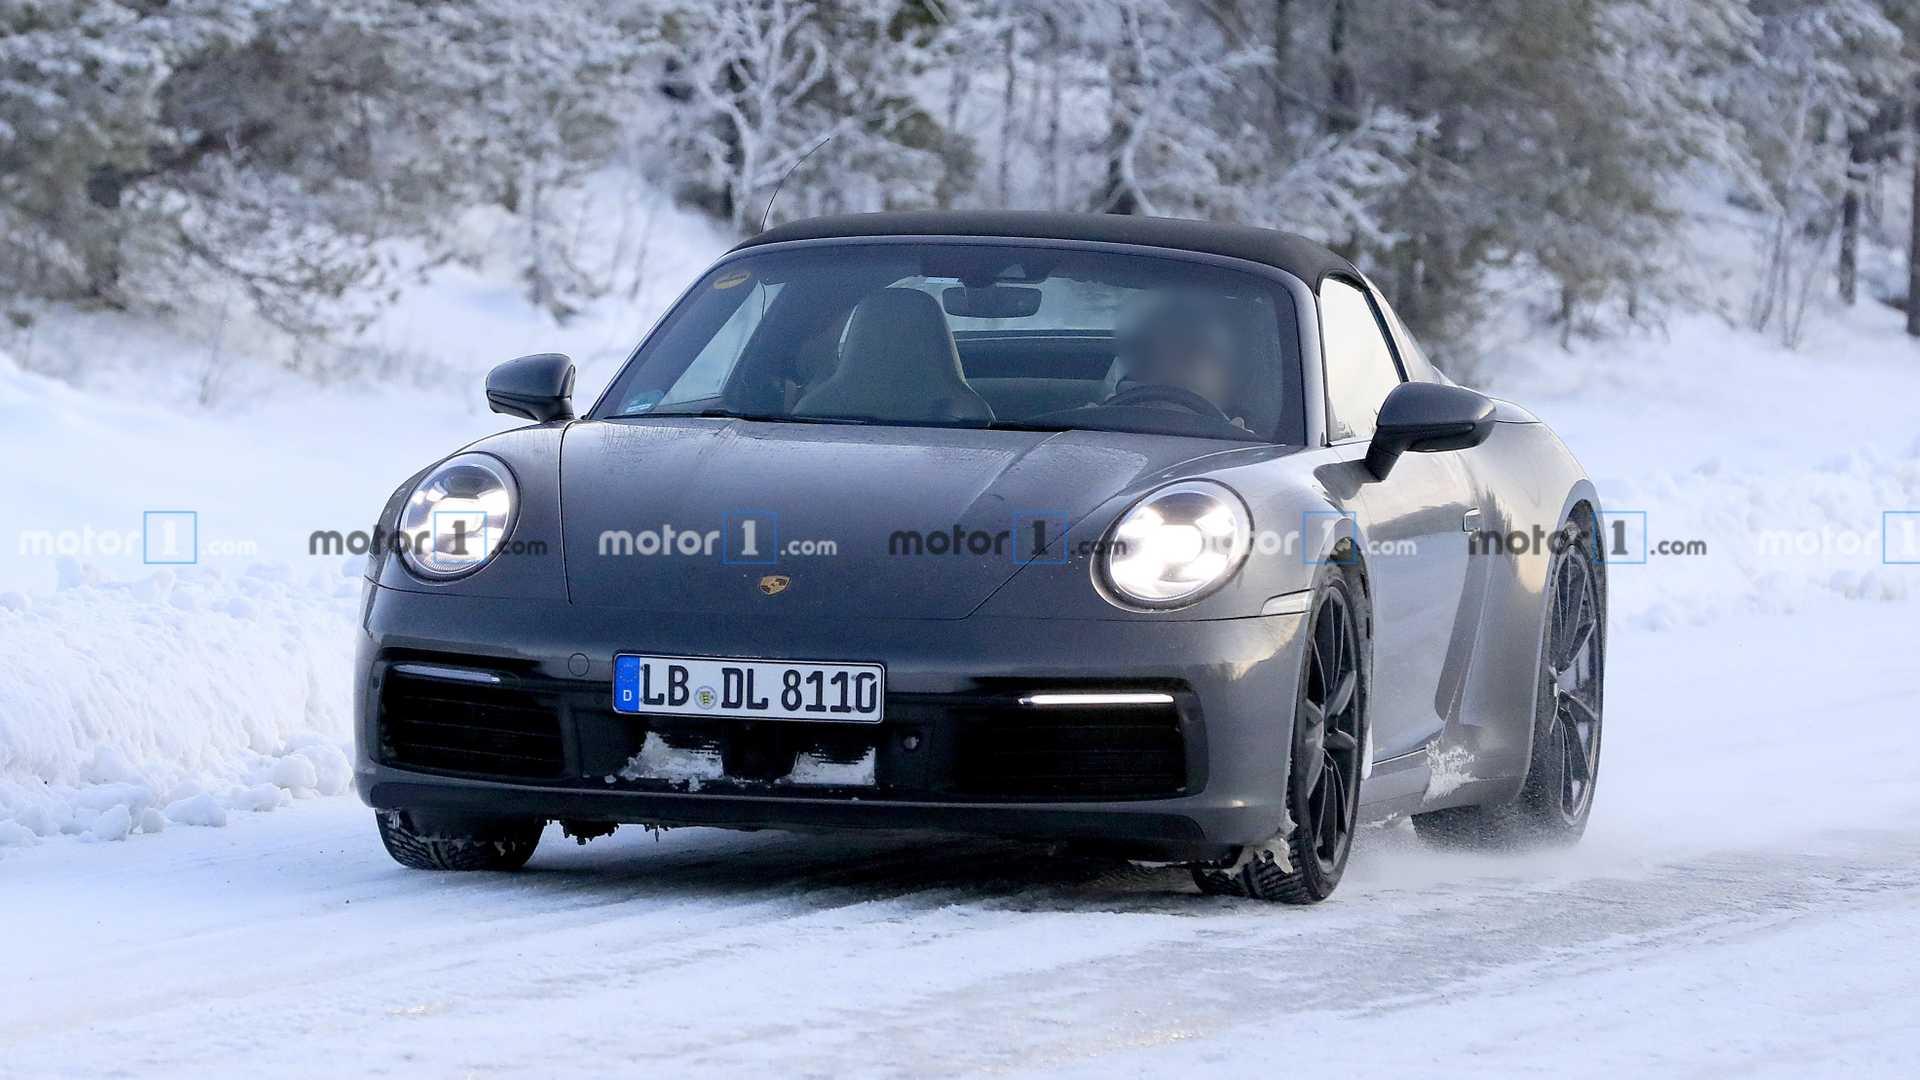 В сети совершенно неожиданно появились снимки с тестов Porsche 911 Targa в Арктике! Весьма необычное место для испытаний модели со съемным верхом.